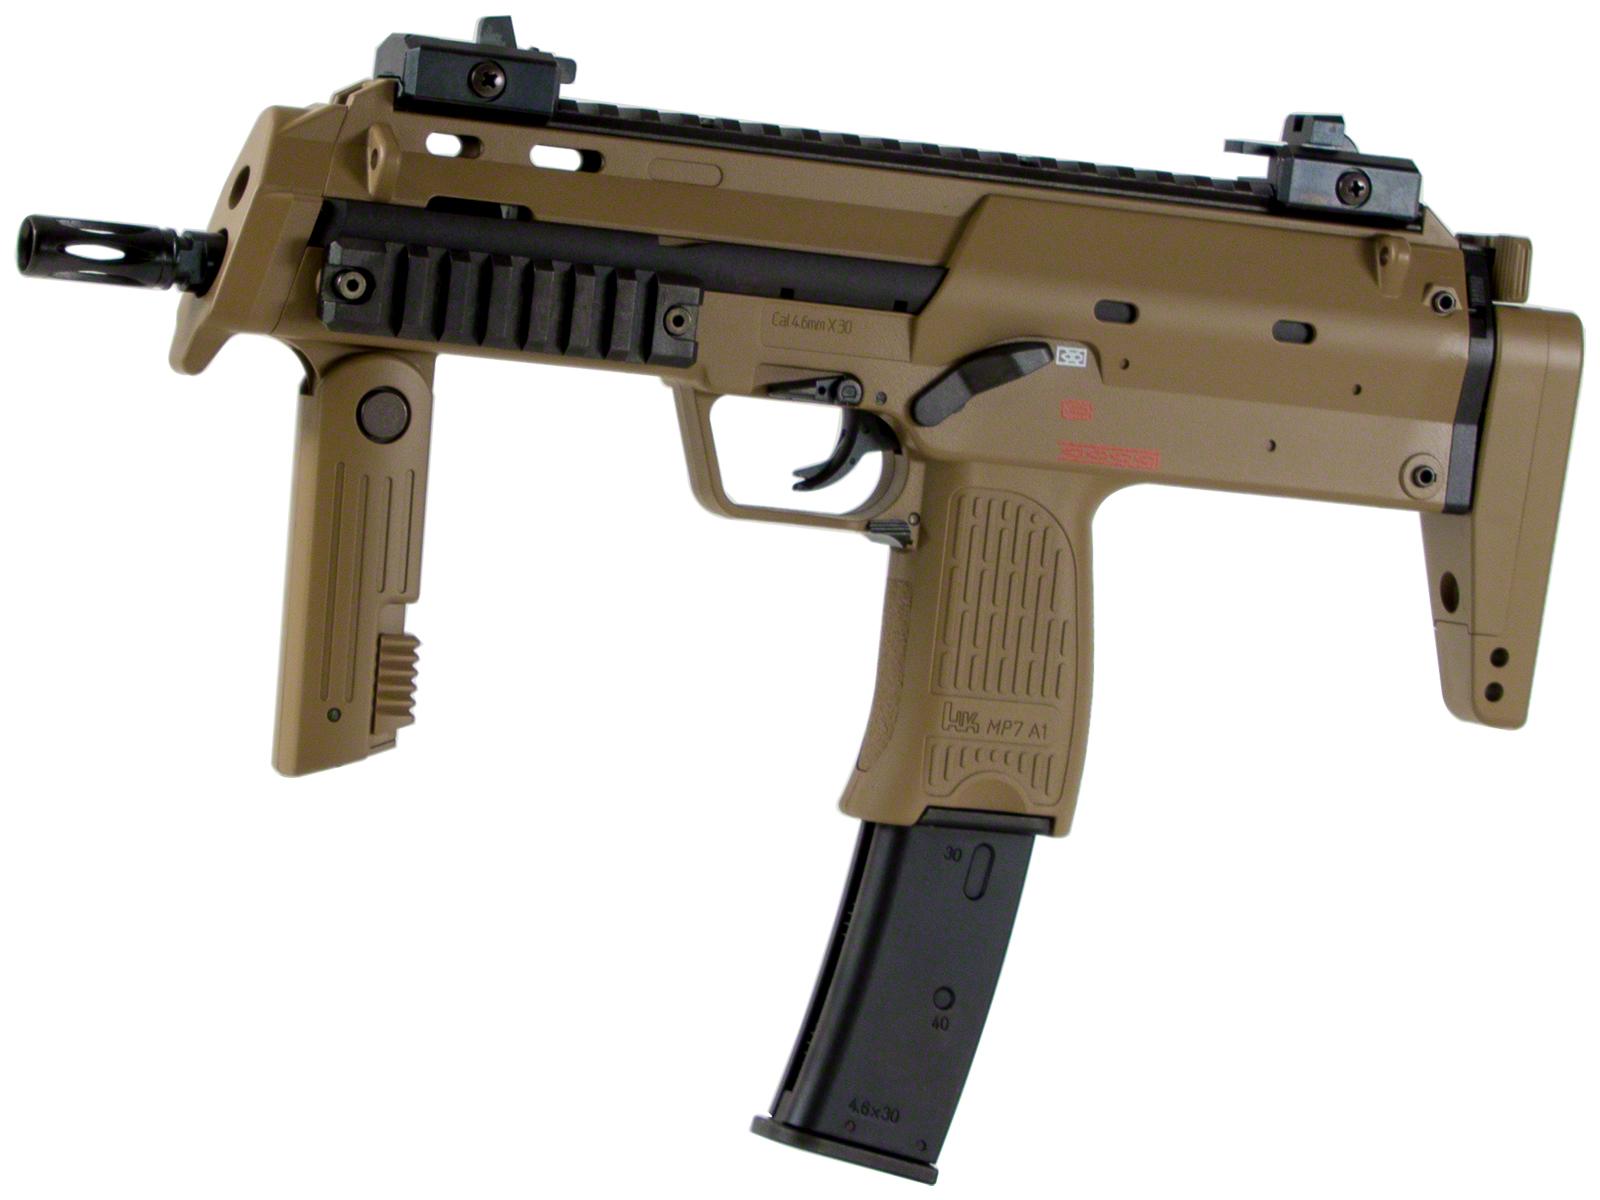 東京マルイ MP7A1 - タンカラータイプ - ガスブローバック・ガスガン 対象年令18才以上(18歳以上) <H&K><HK><ヘッケラー&コック><ガスブローバックマシンガン>